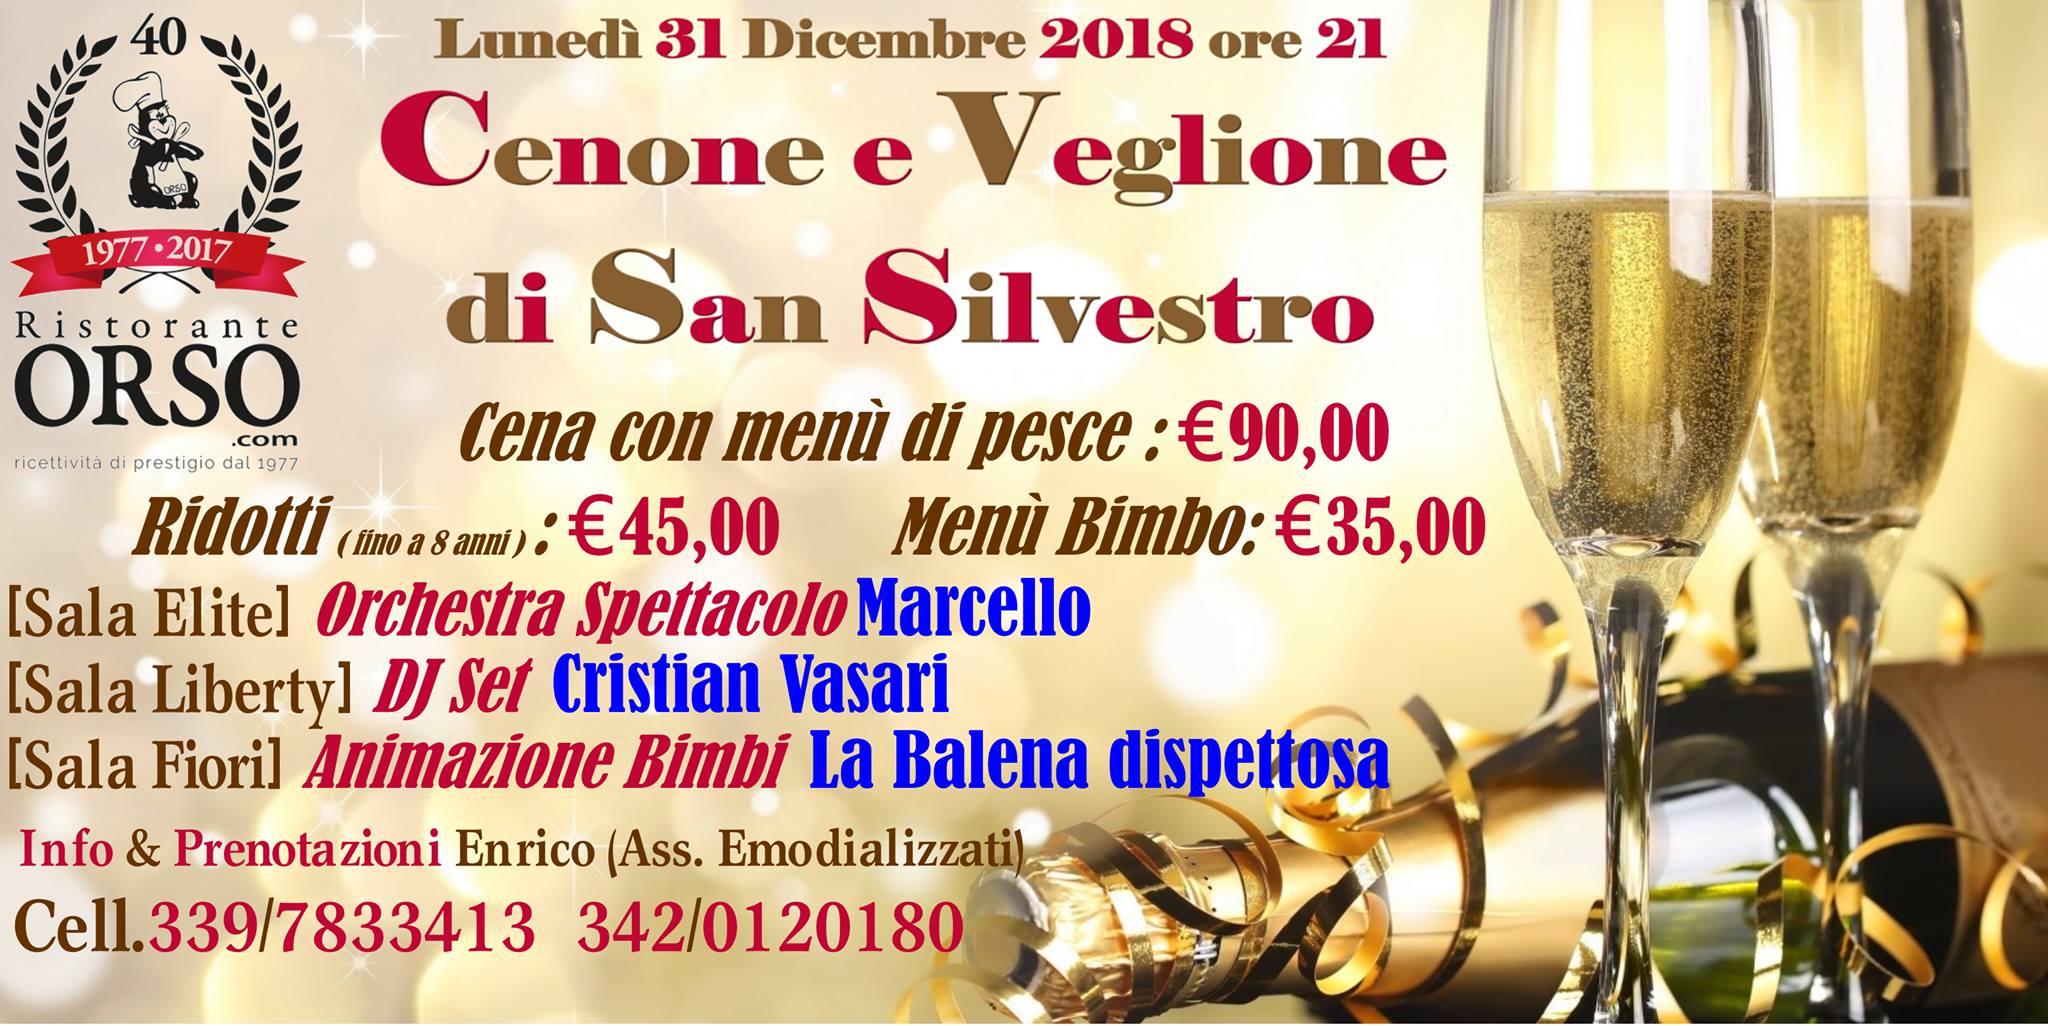 capodanno 2019 ristorante orso civitanova marche